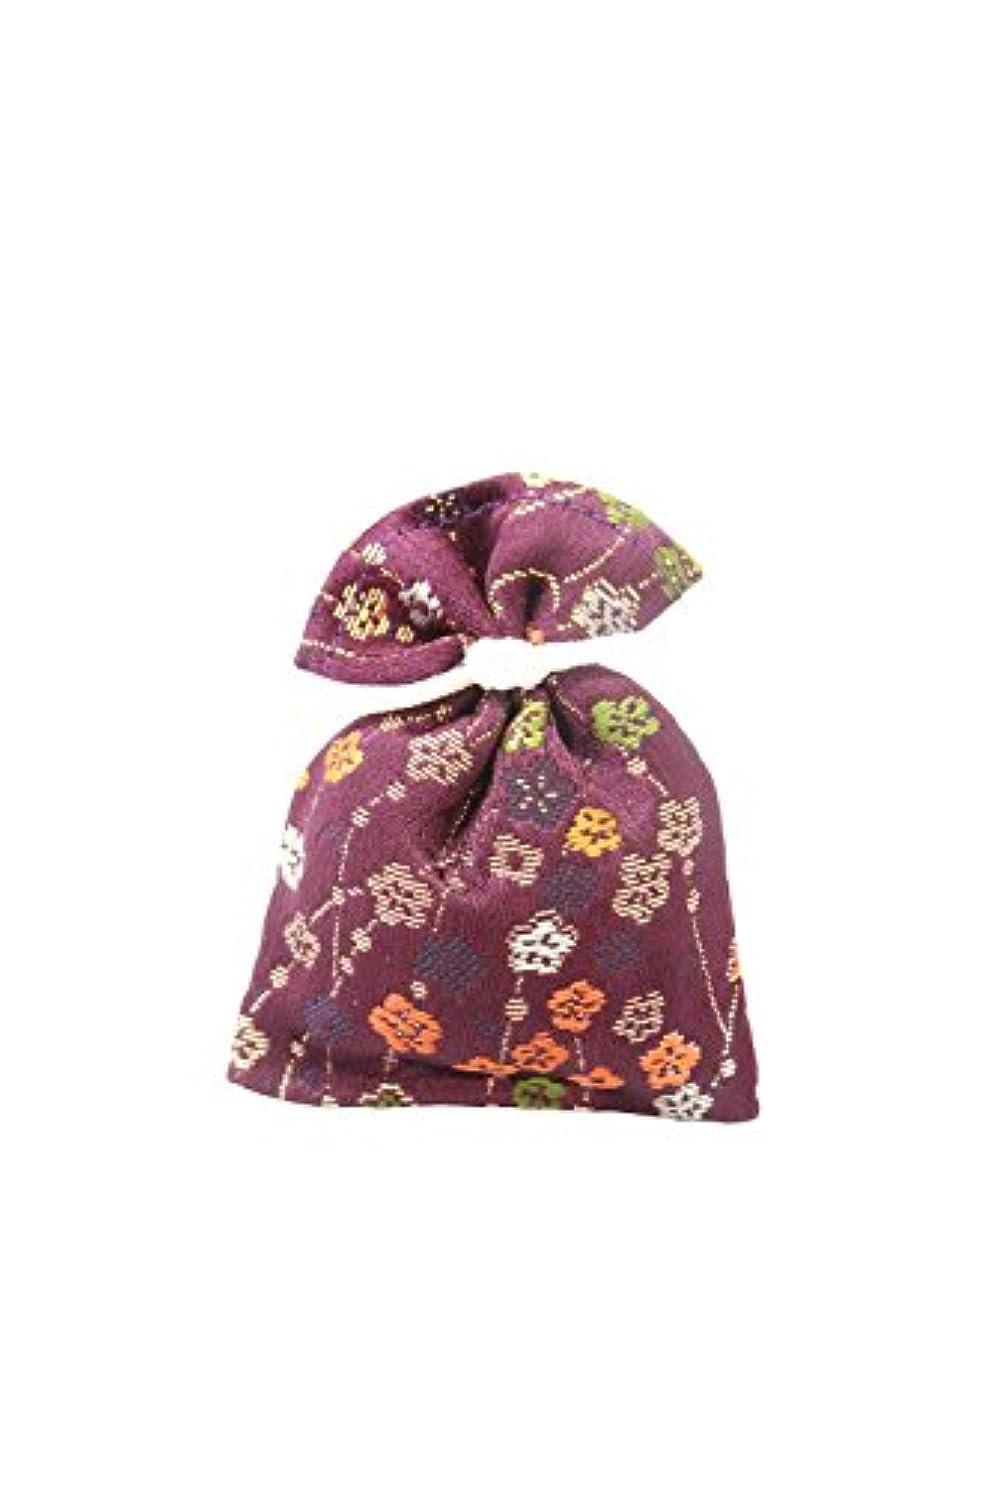 書士不公平タイル香袋 金襴 紫紺色